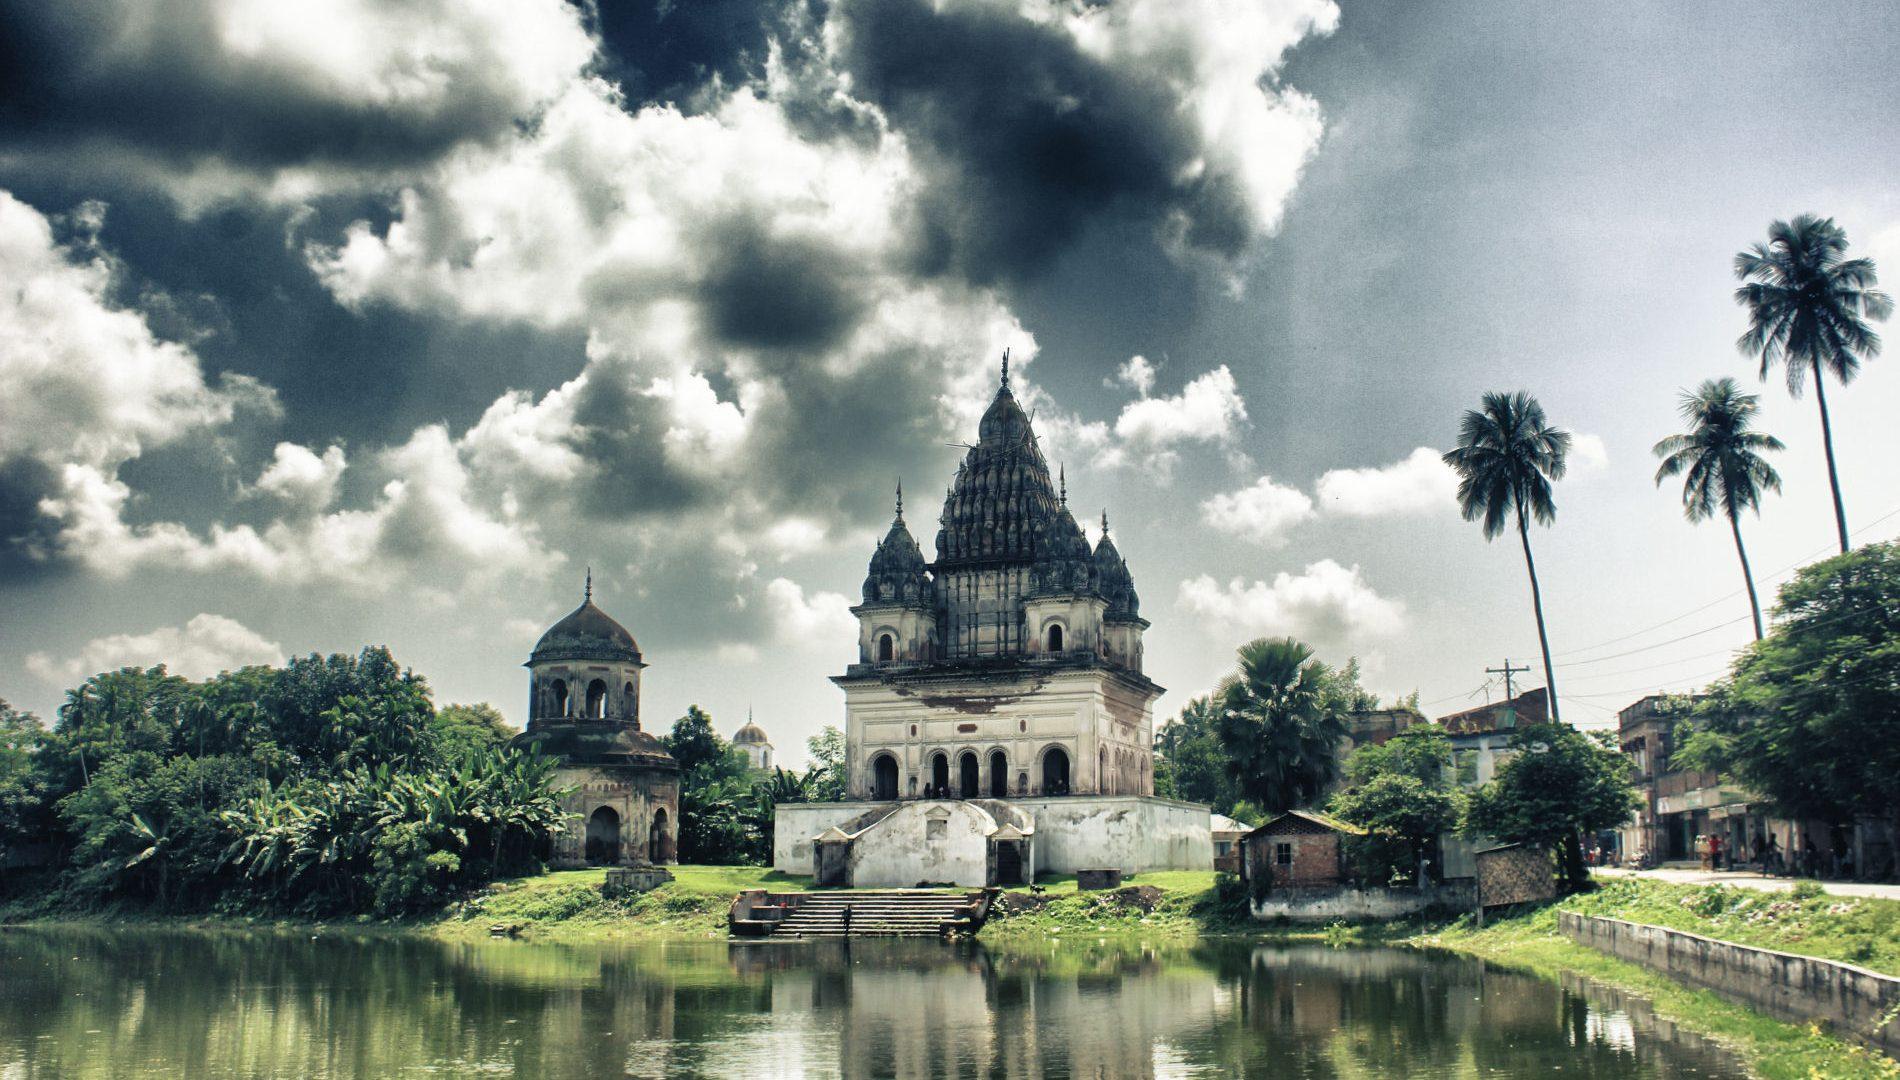 Rajshahi città senza inquinamento